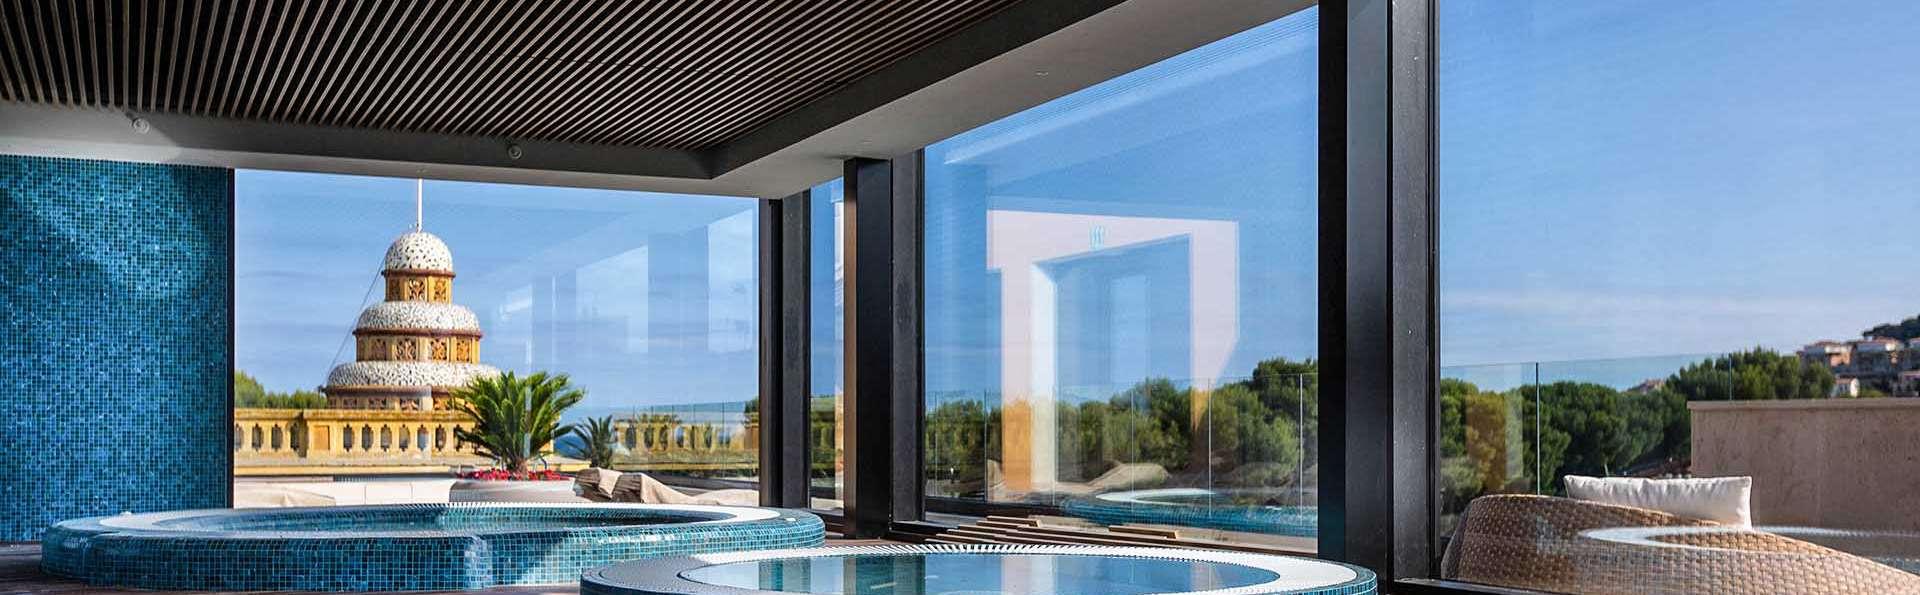 Experiencia Premium en la Costa Brava: con masaje, cena y circuito spa en un exclusivo 4*